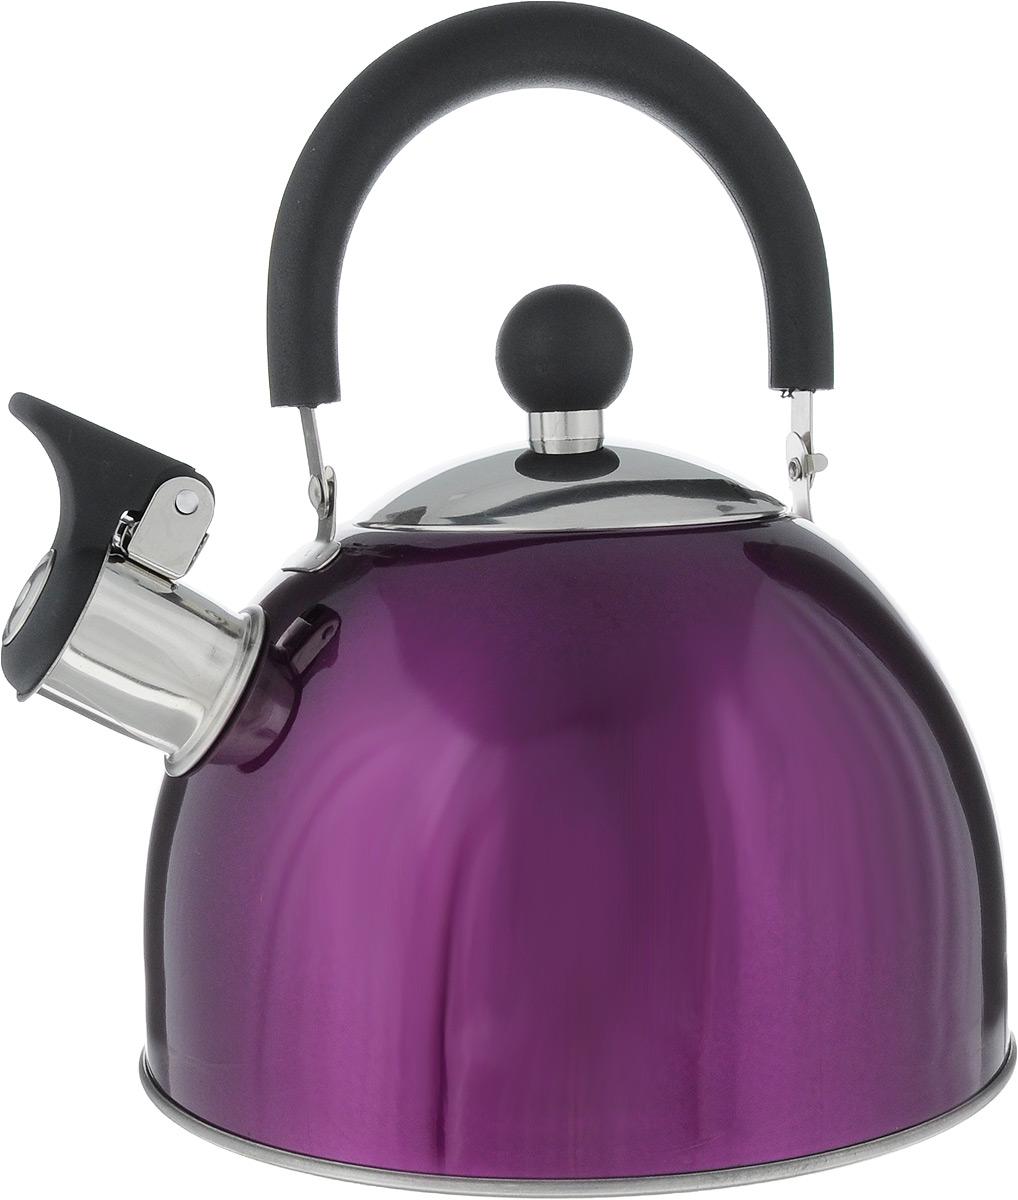 Чайник Bekker, цвет: фиолетовый, 2 л. BK-S579BK-S579_фиолетовыйЧайник Bekker, цвет: фиолетовый, 2 л. BK-S579